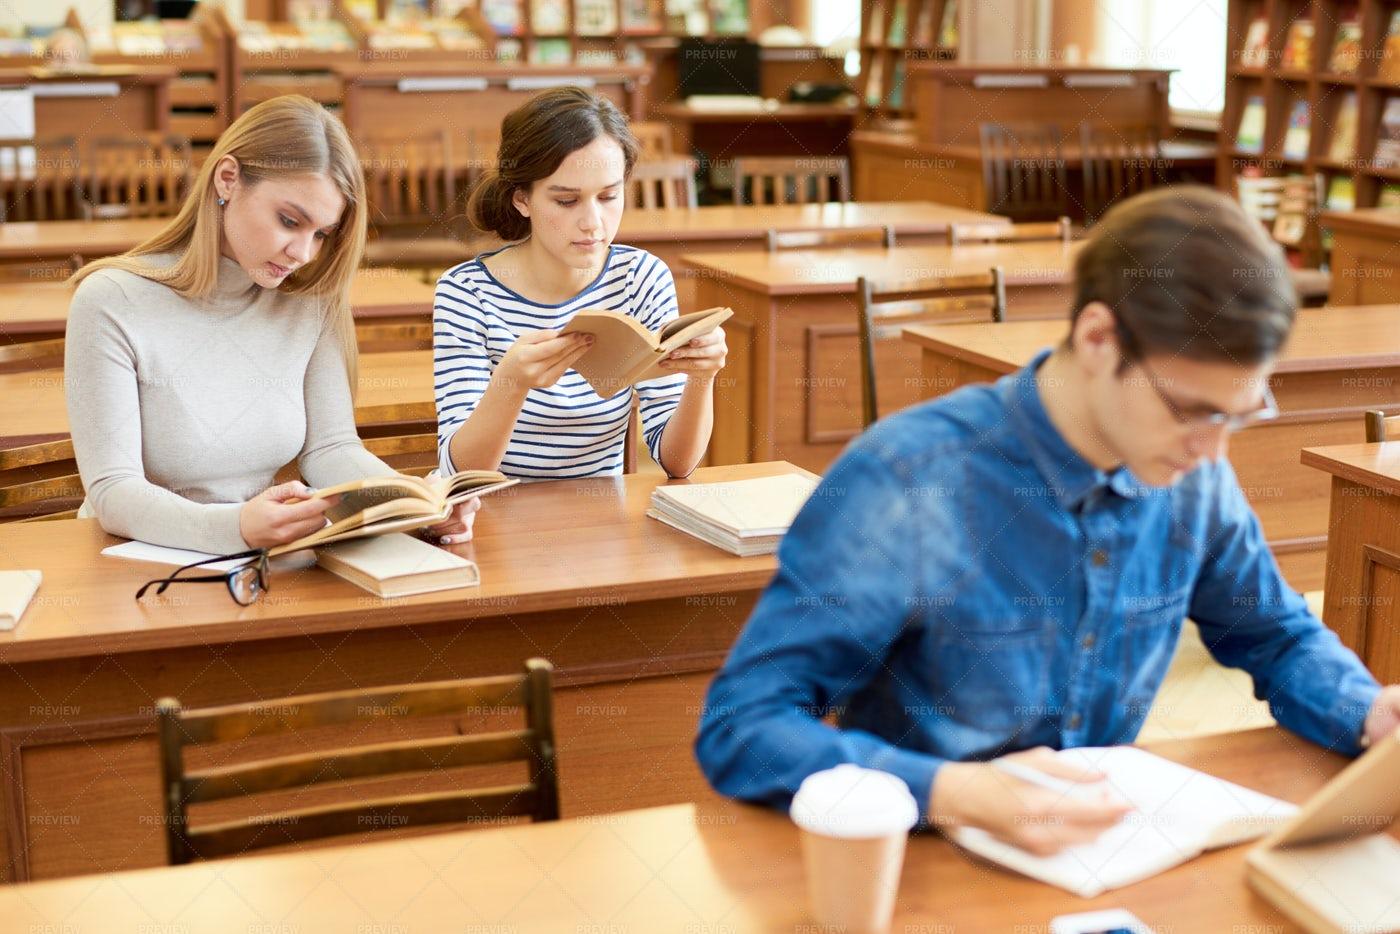 Calming Environment Of Library: Stock Photos